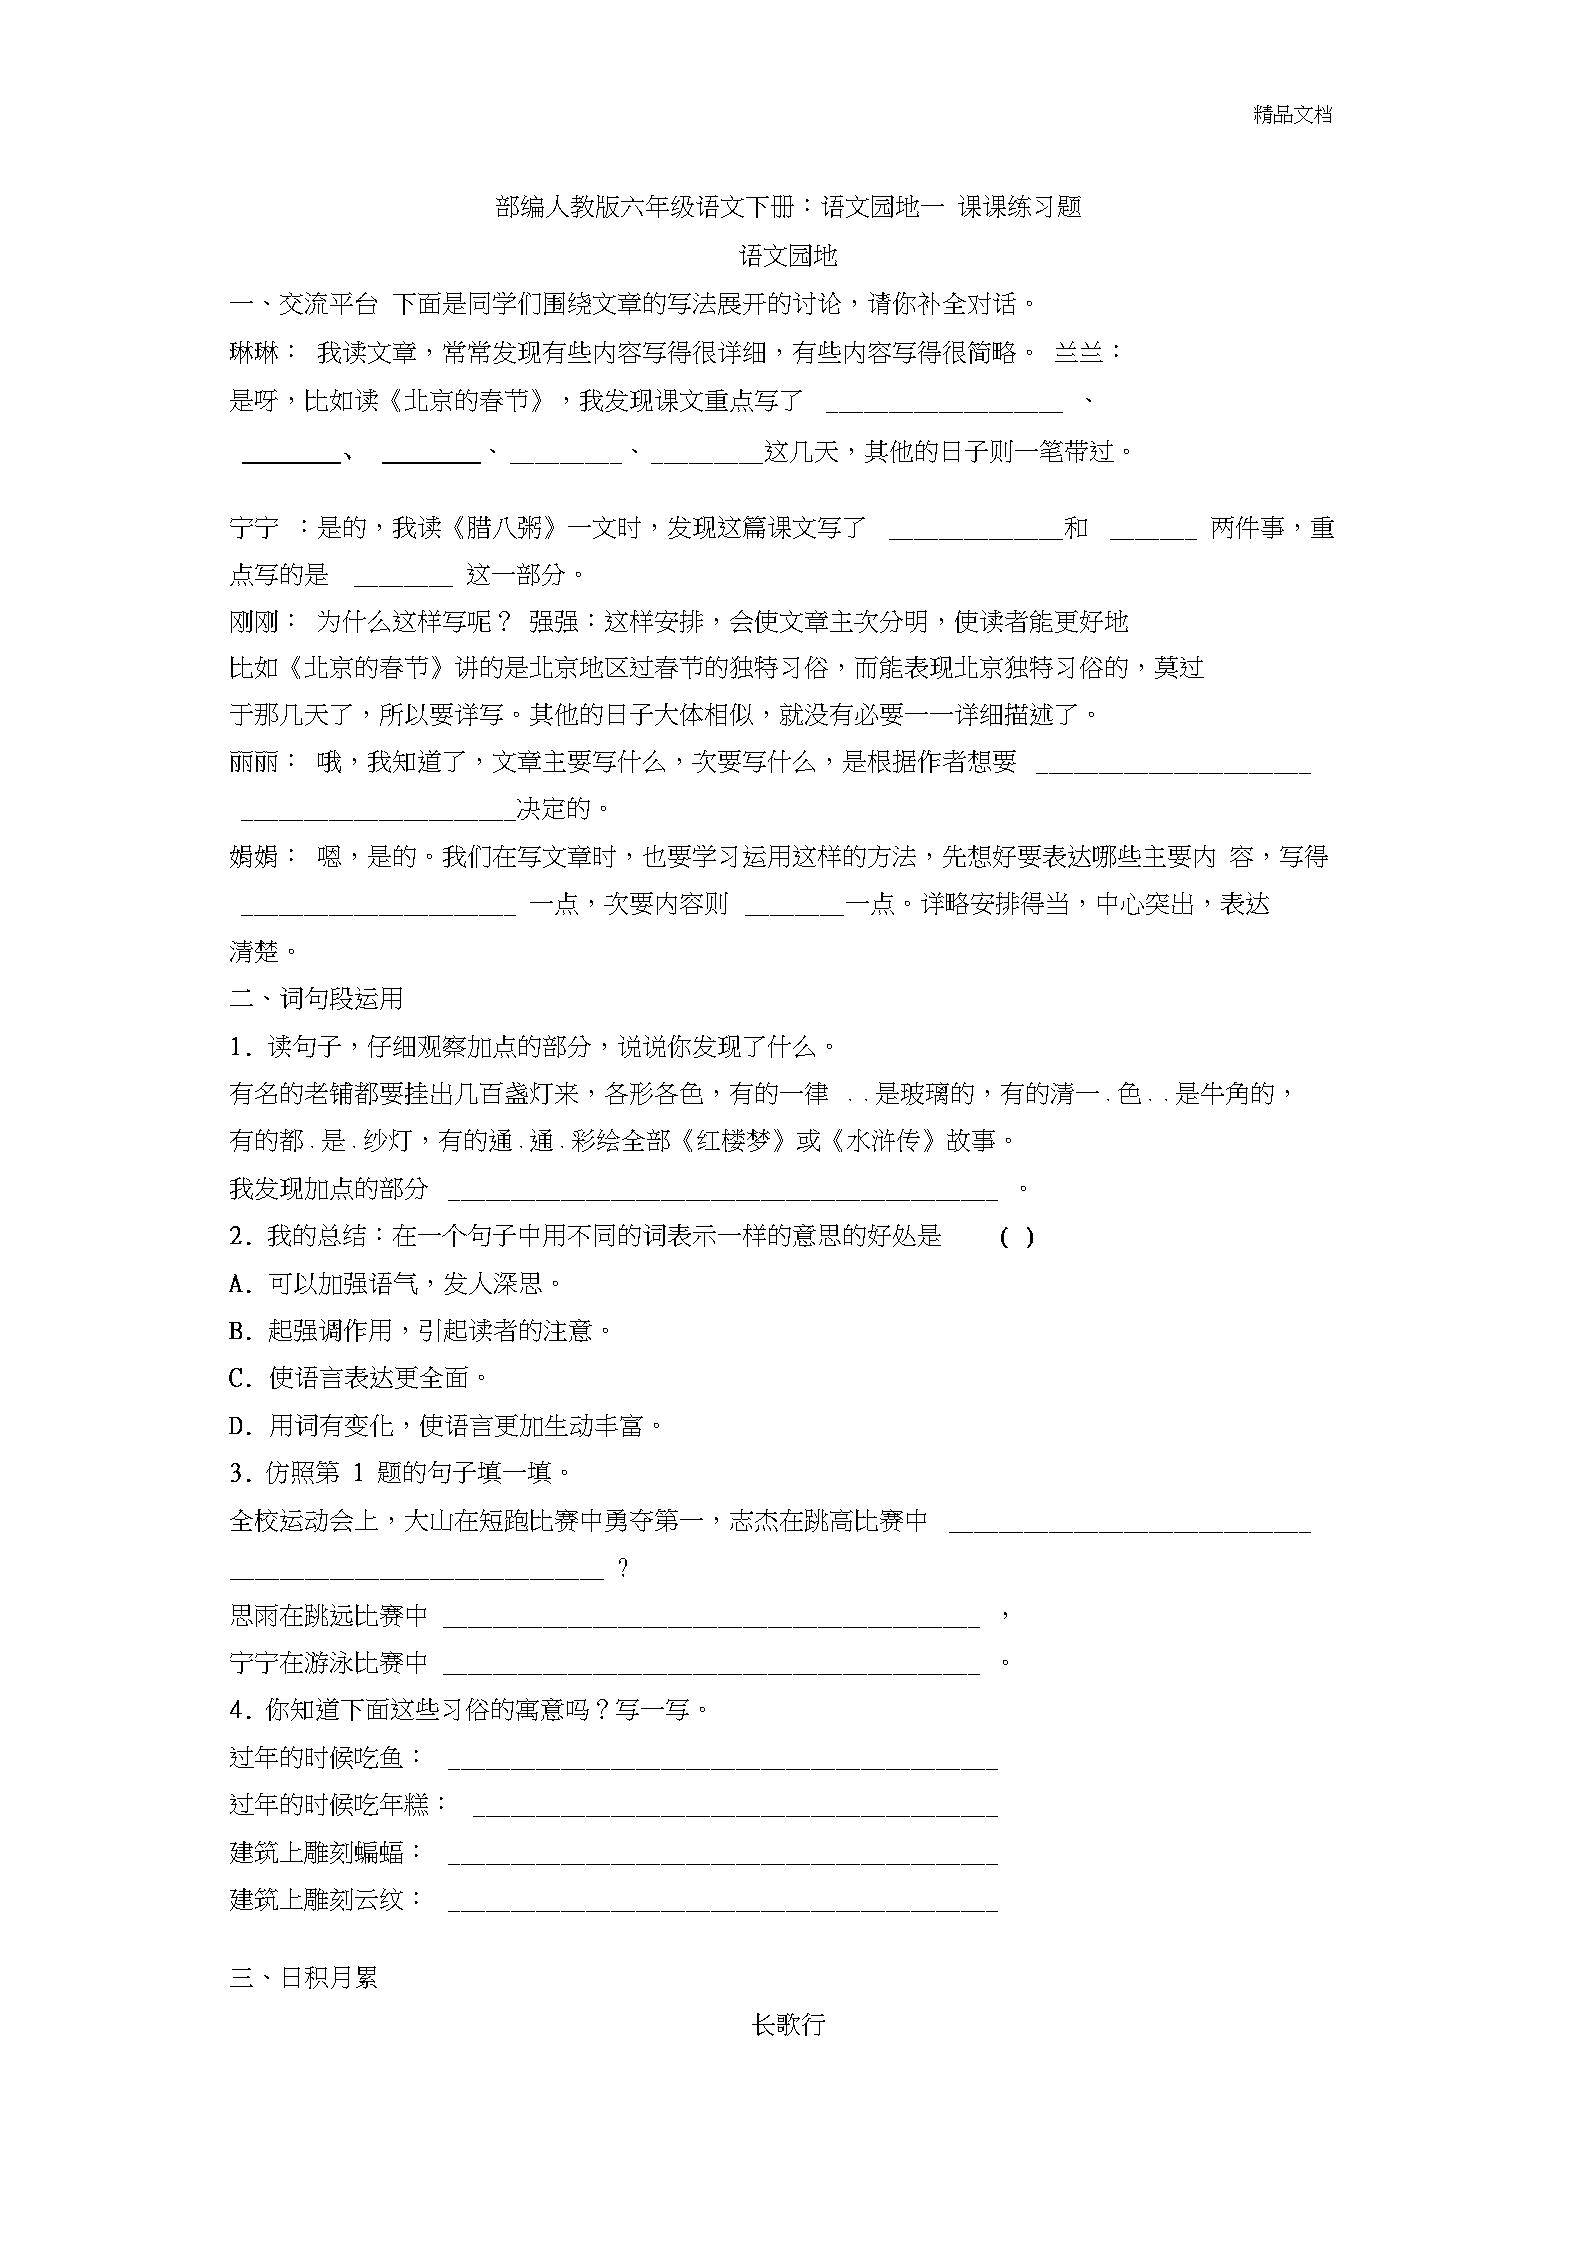 部编版(2016)小学语文六年级下册第一单元语文园地习题(1).docx